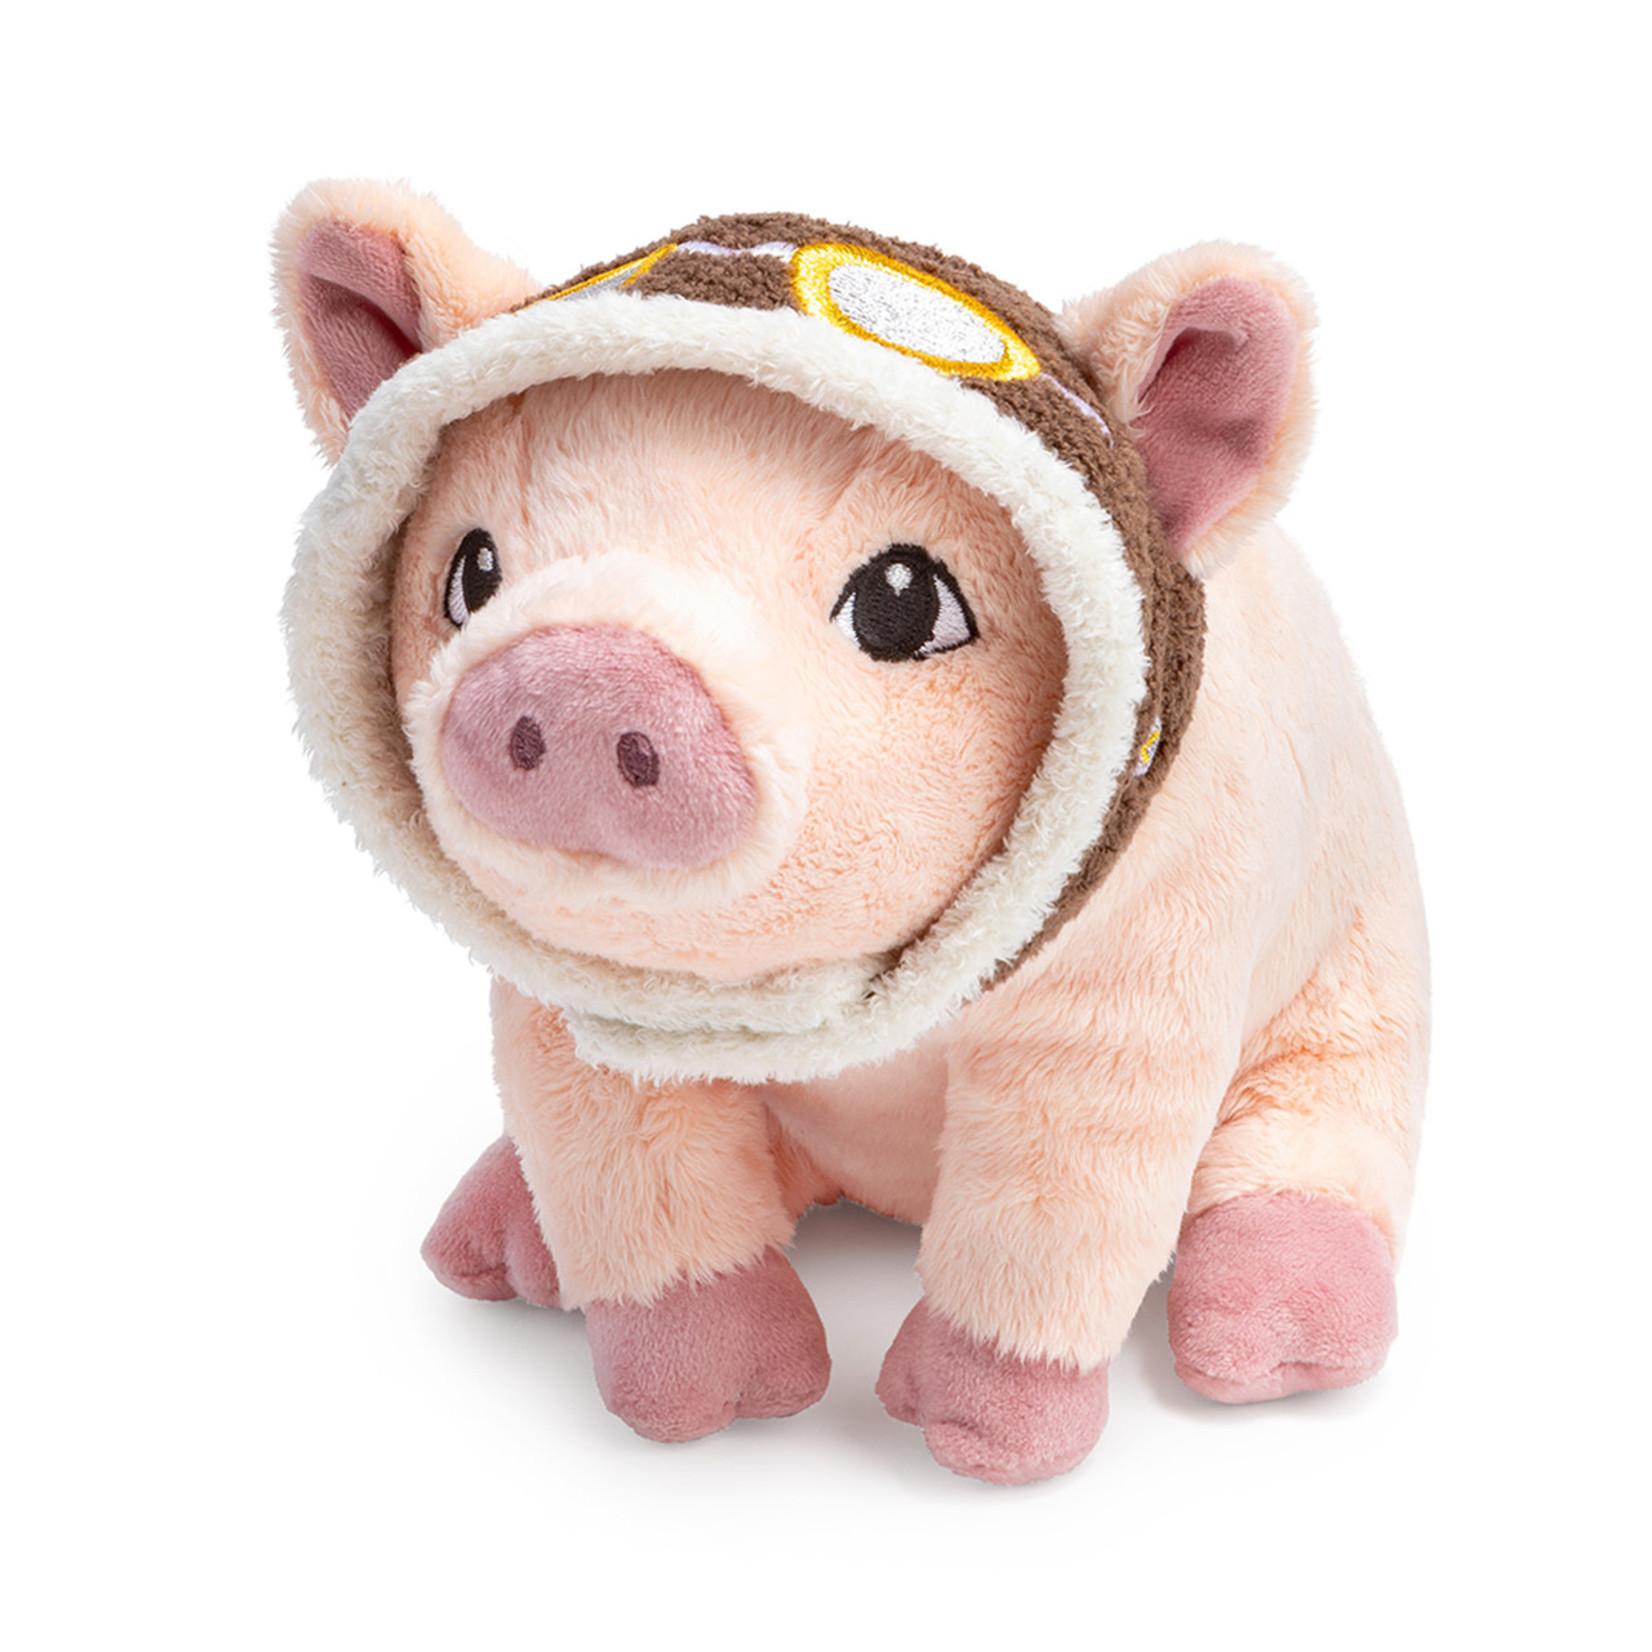 Compendium Plush Pig - Maybe